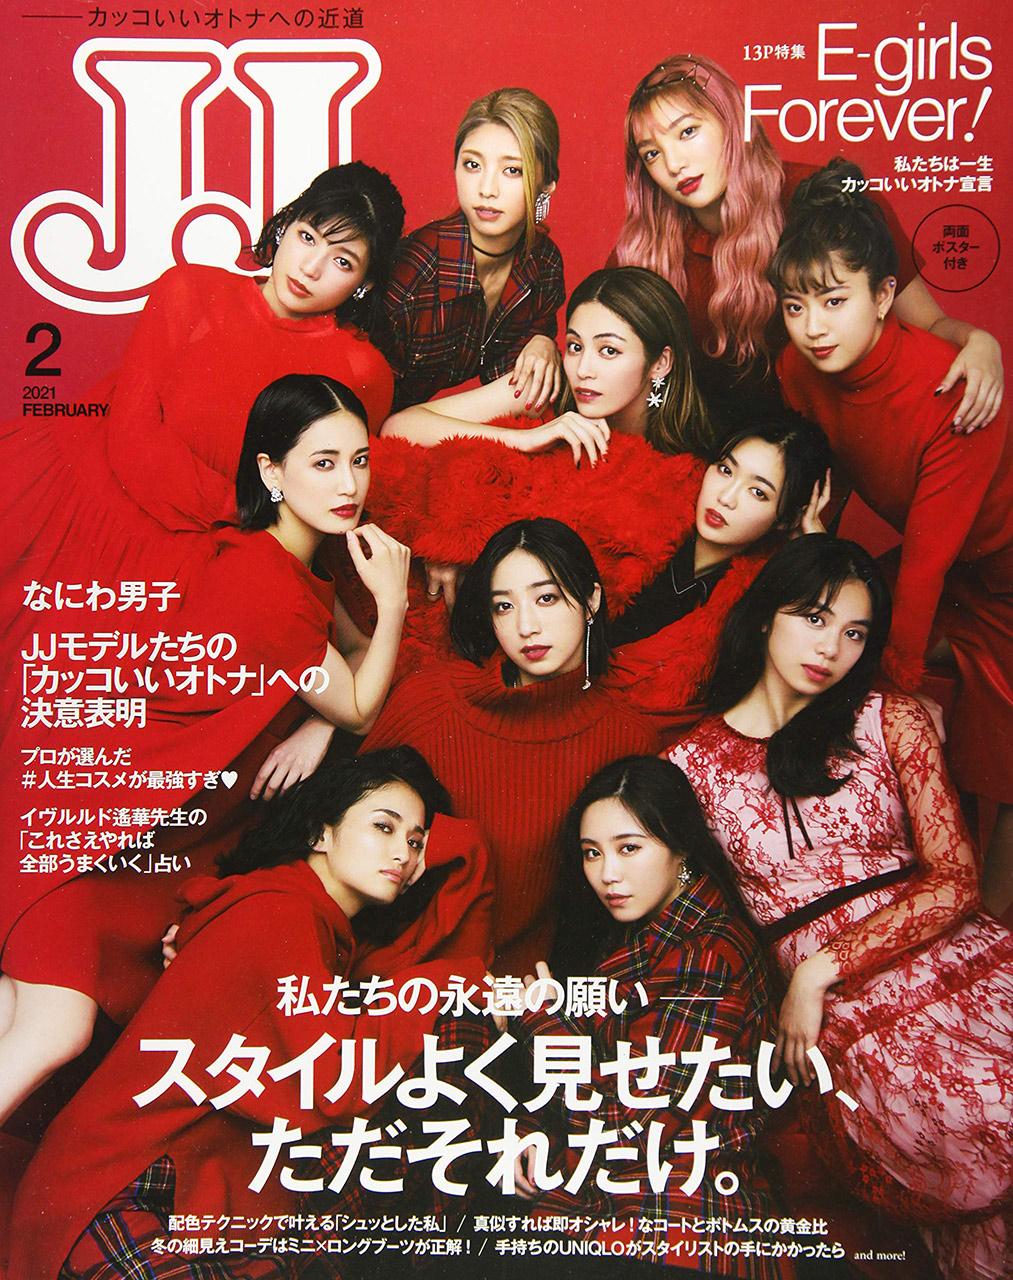 JJ 2021年2月号